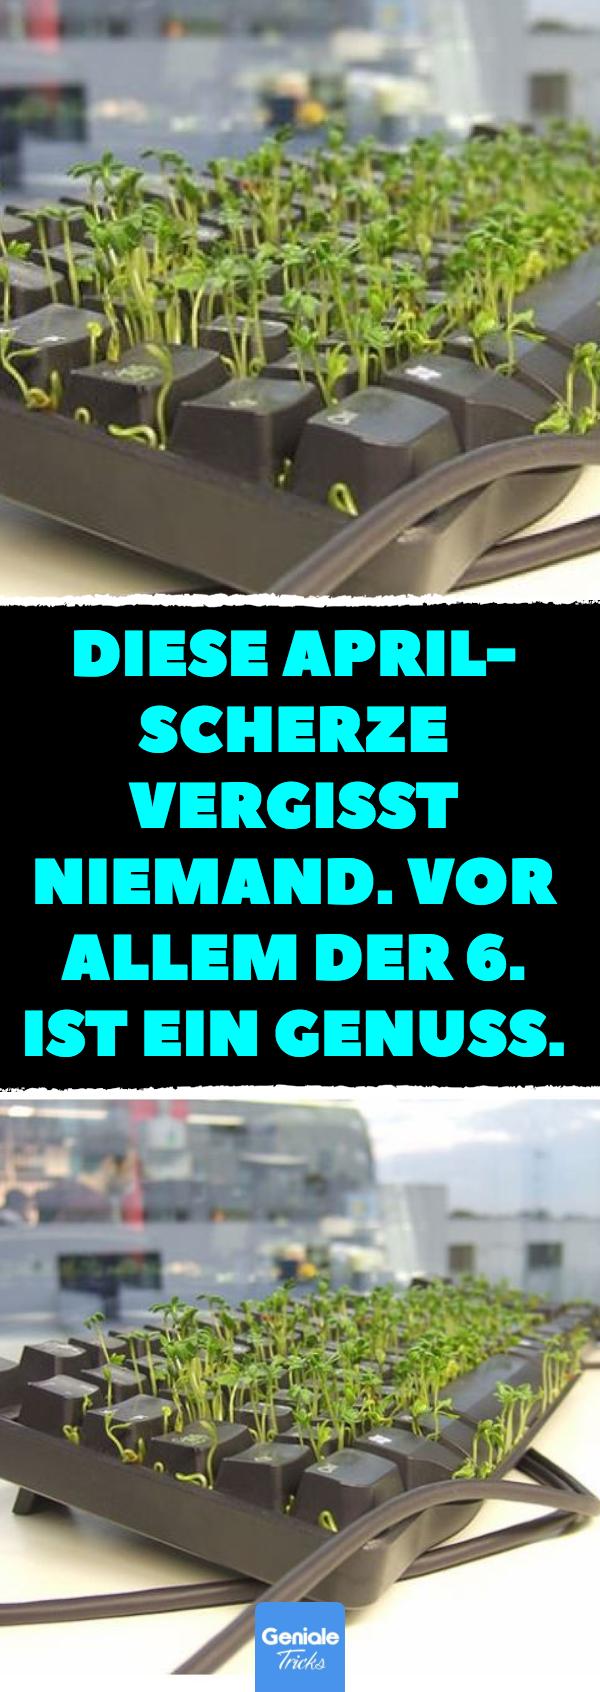 Aprilscherze Whatsapp